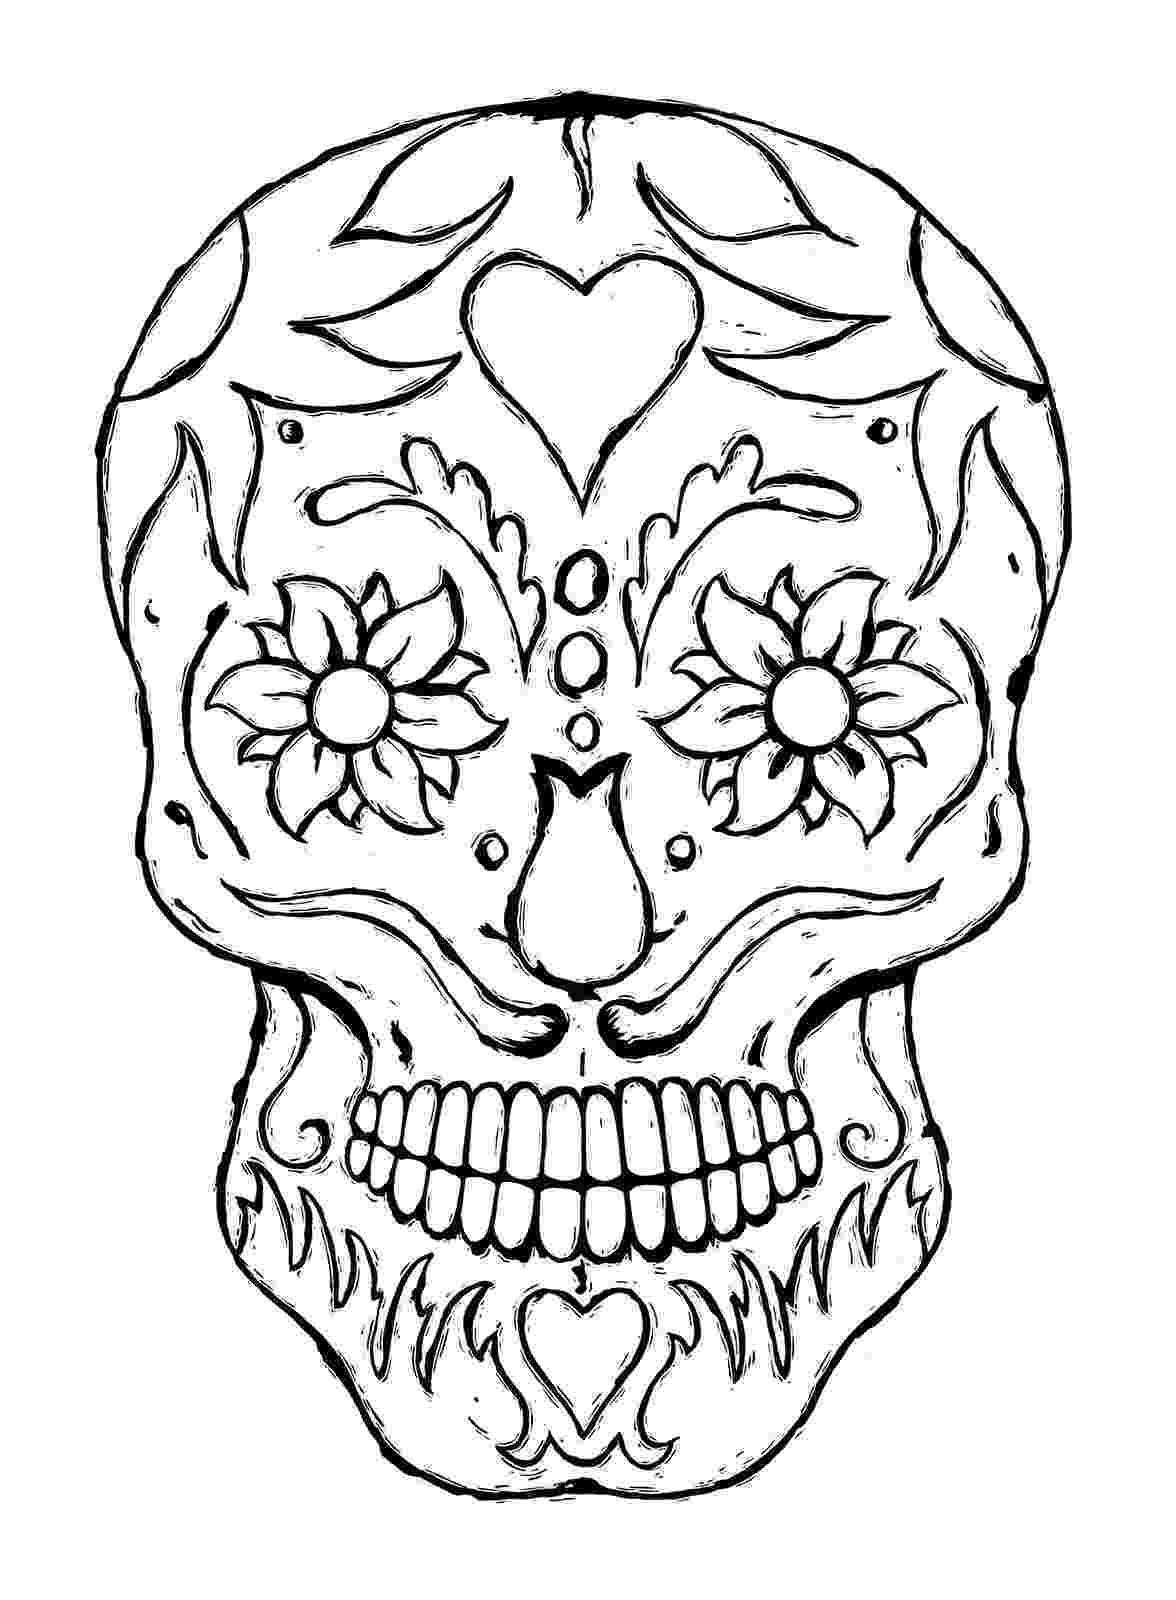 skull coloring pages printable sugar skull coloring page free printable coloring pages pages coloring printable skull